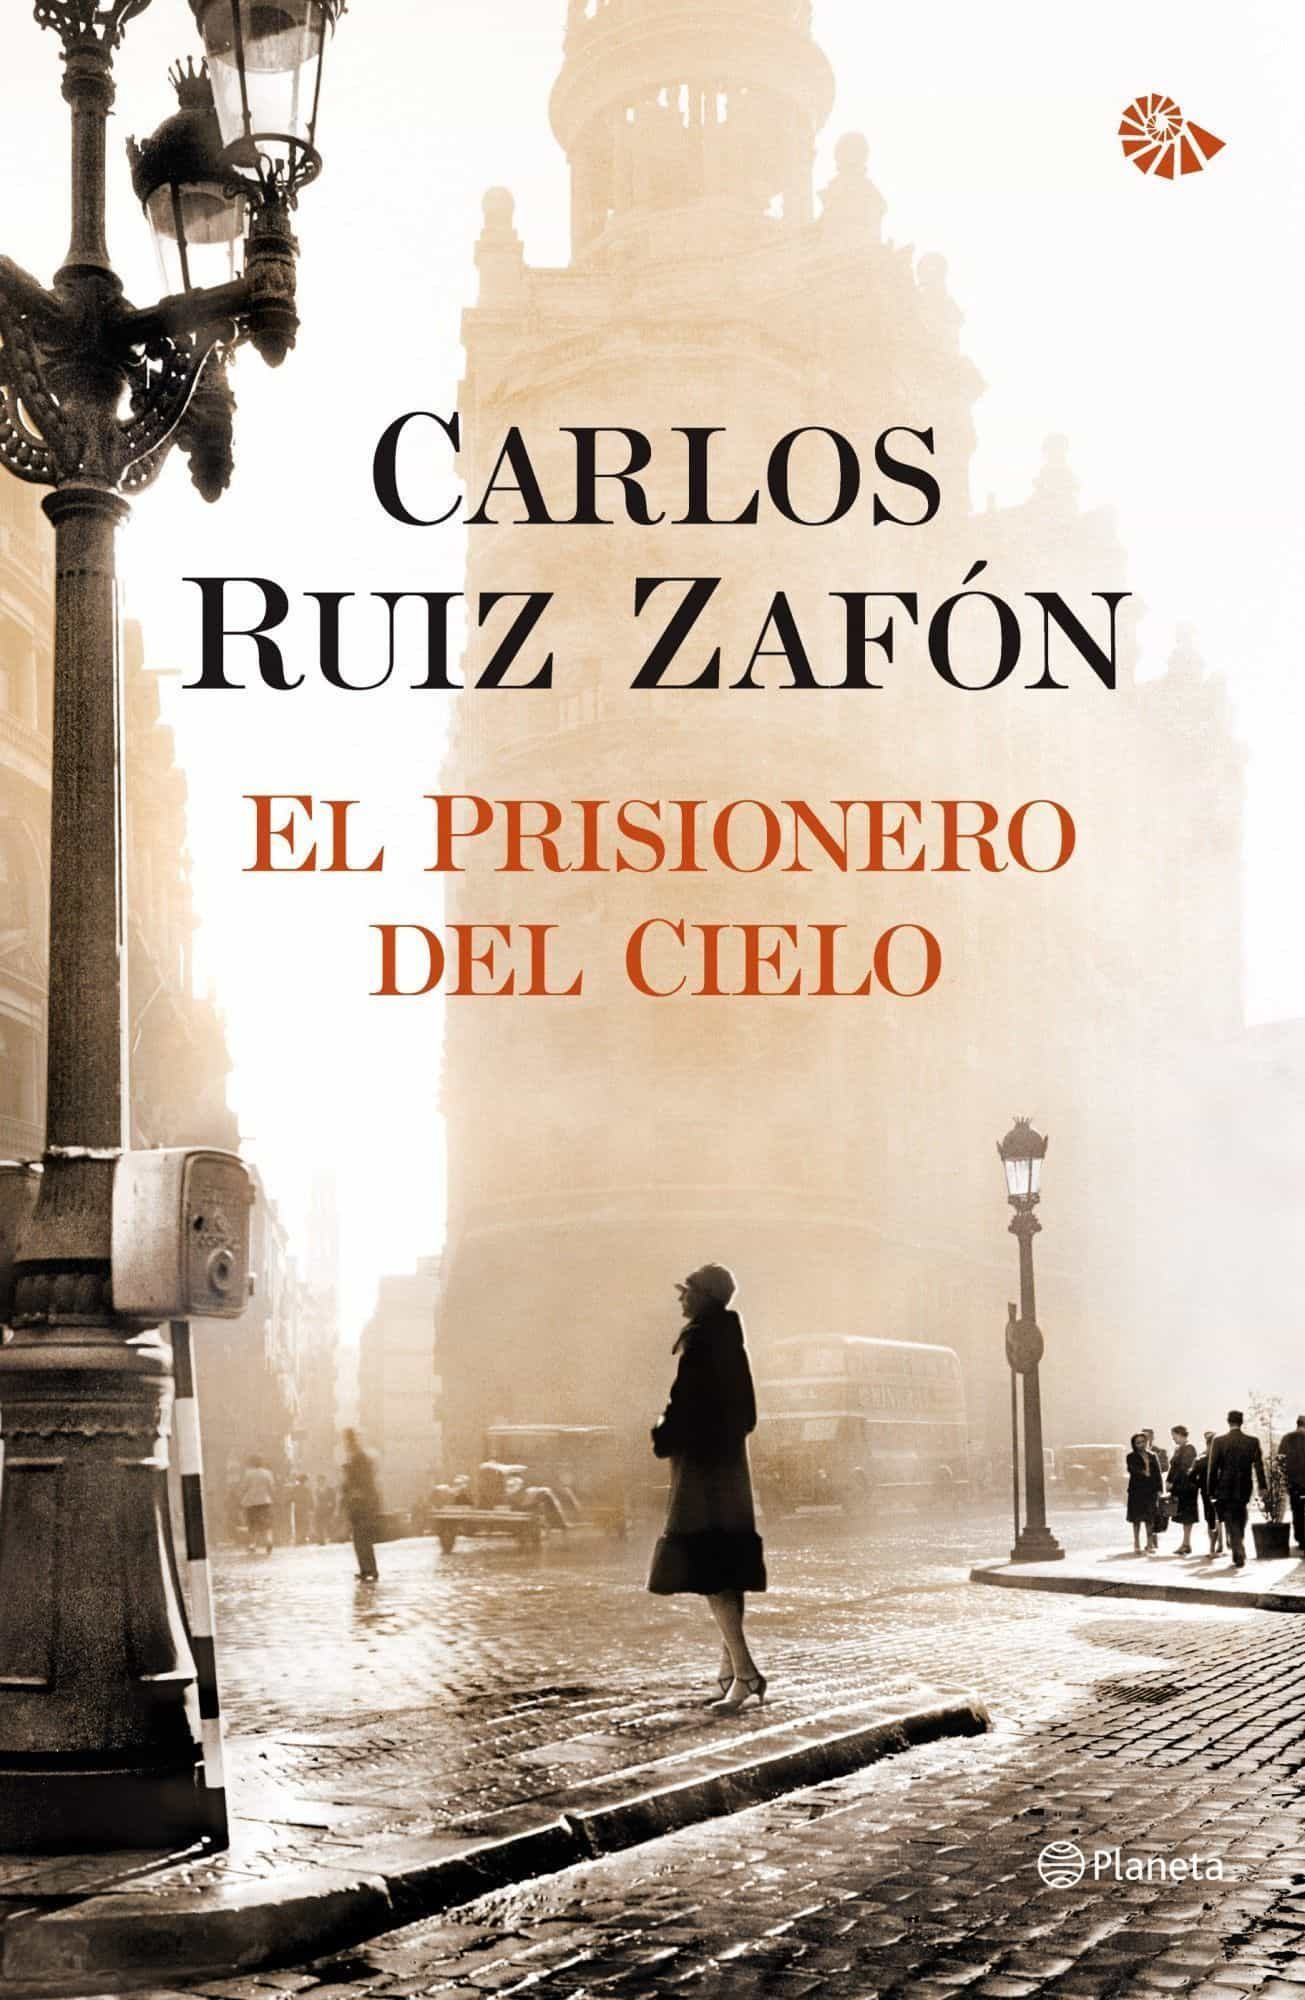 El prisionero del cielo, de Carlos Ruiz Zafón